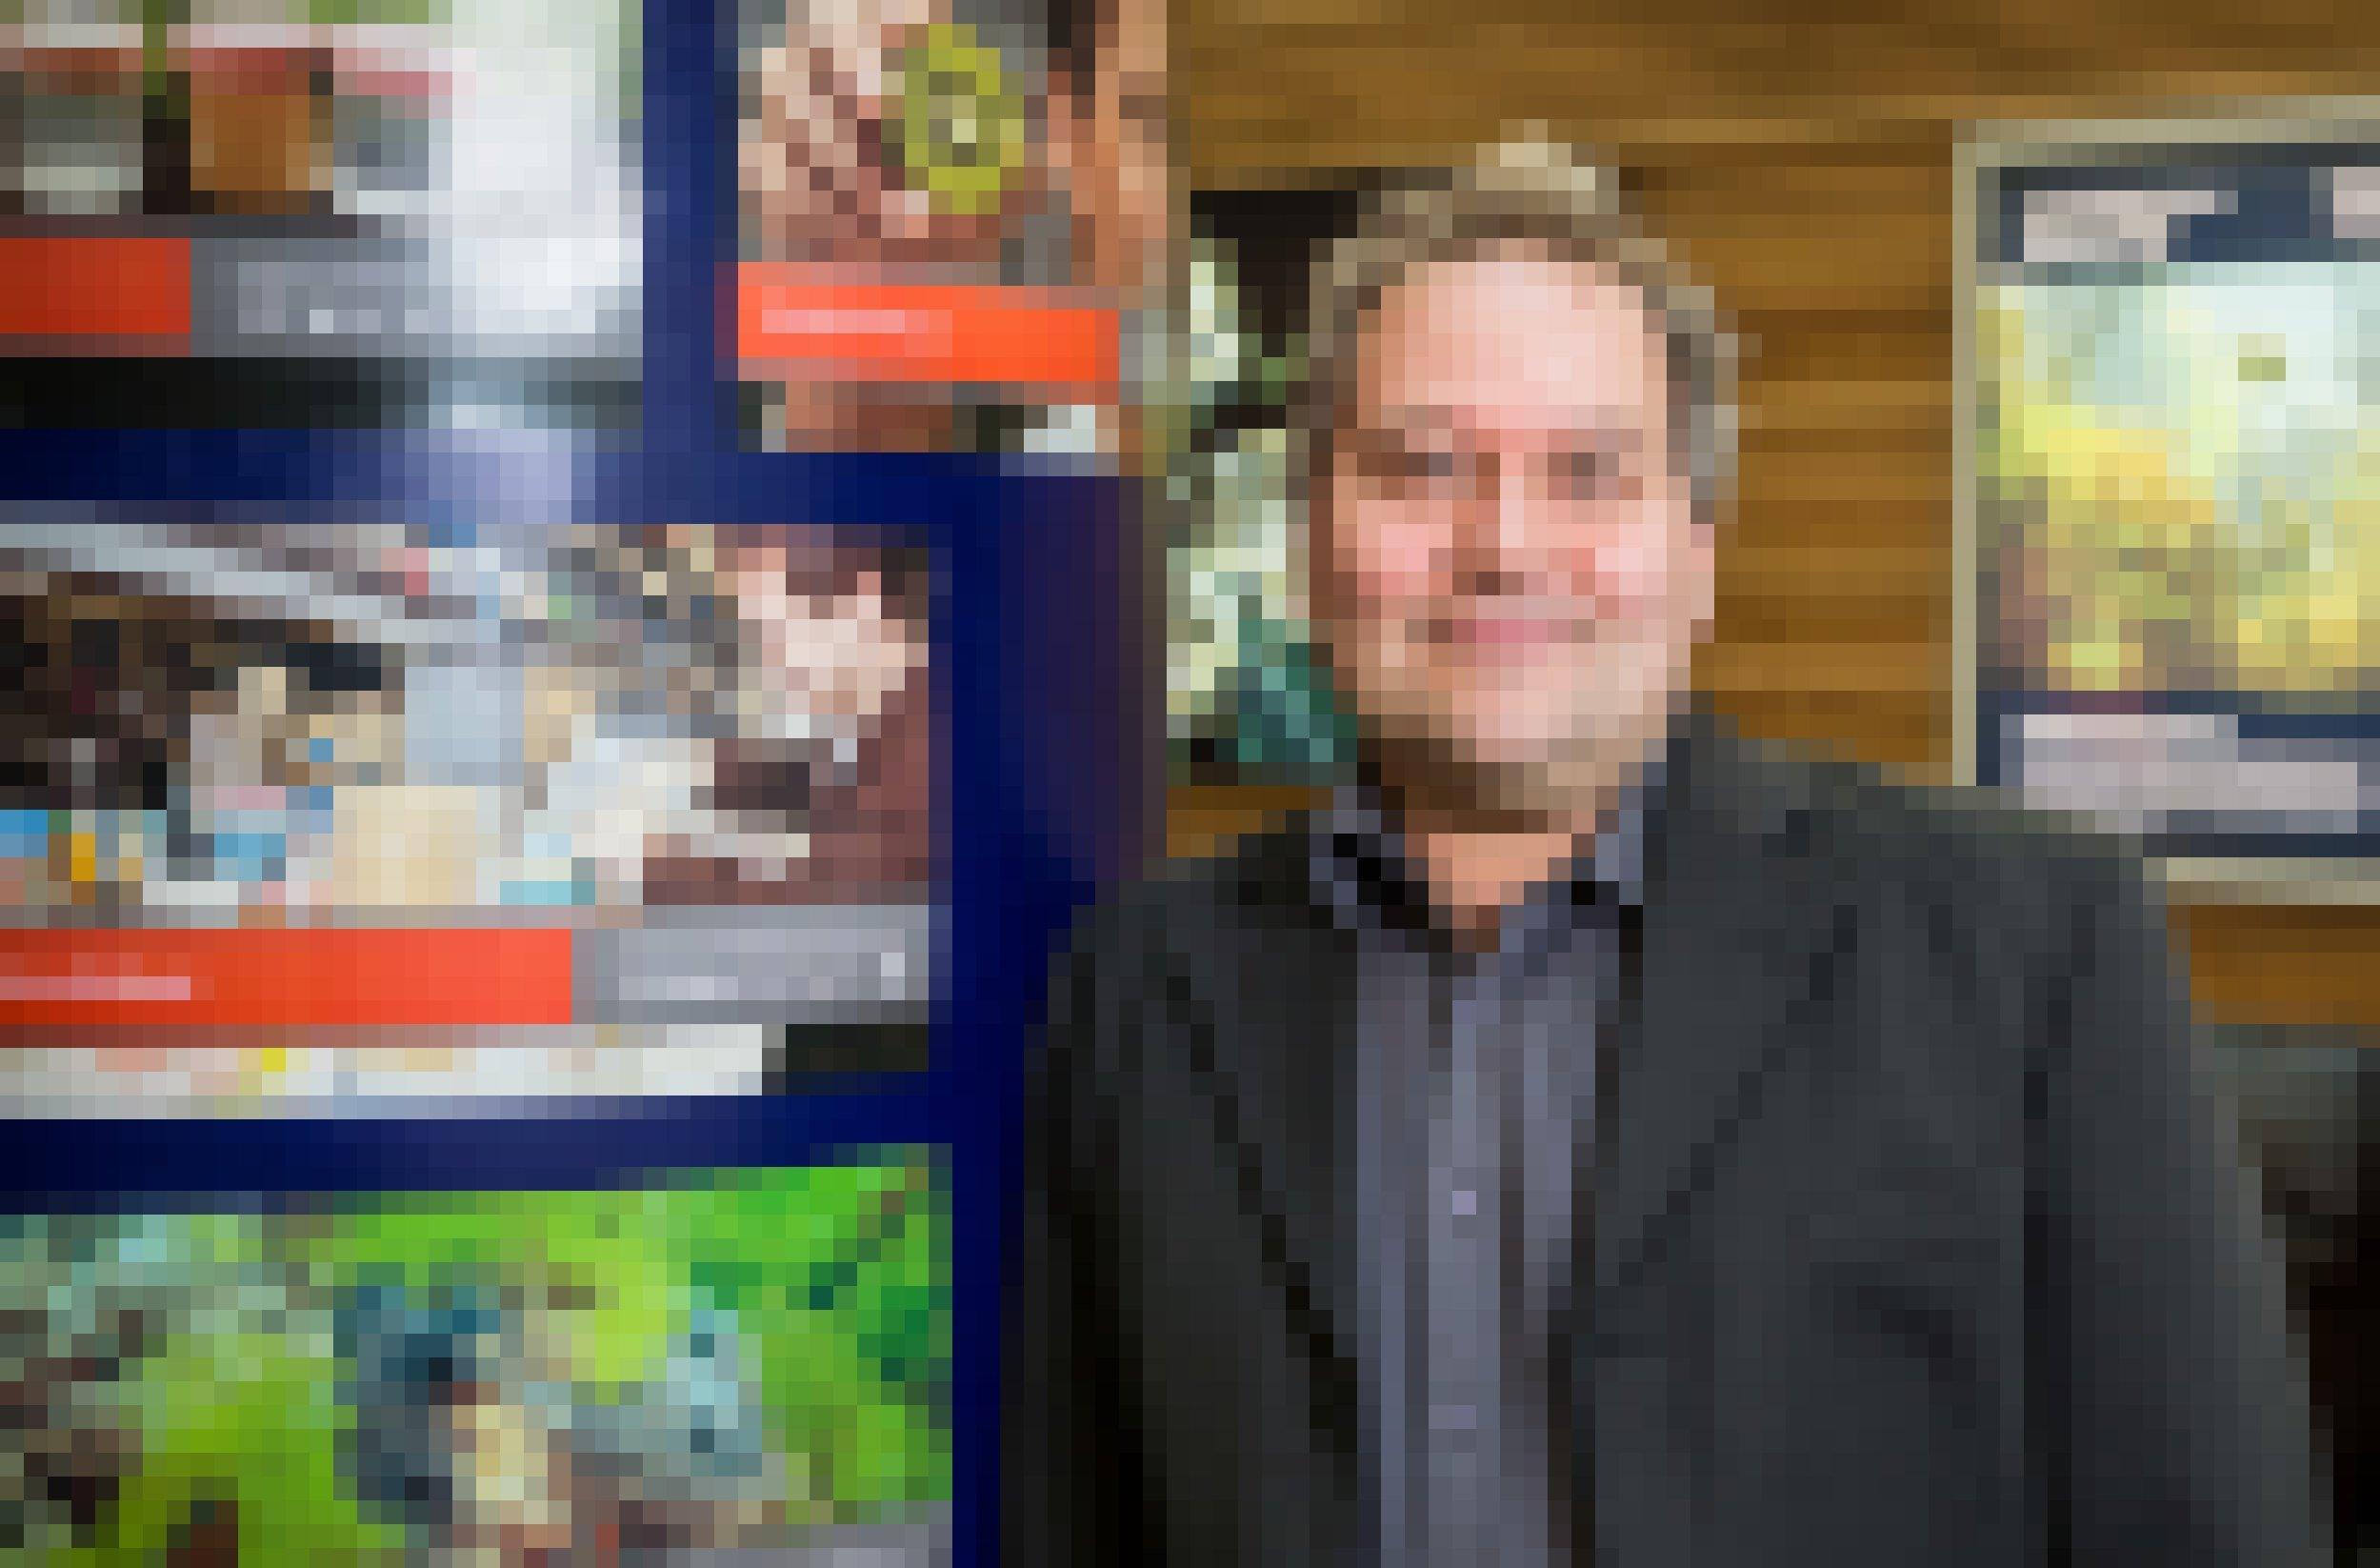 Ein Mann mit kurzem graumeliertem Haar in dunklem Sacko und Hemd lächelt in die Kamera. Er lehnt an einer Säule mit Postern.